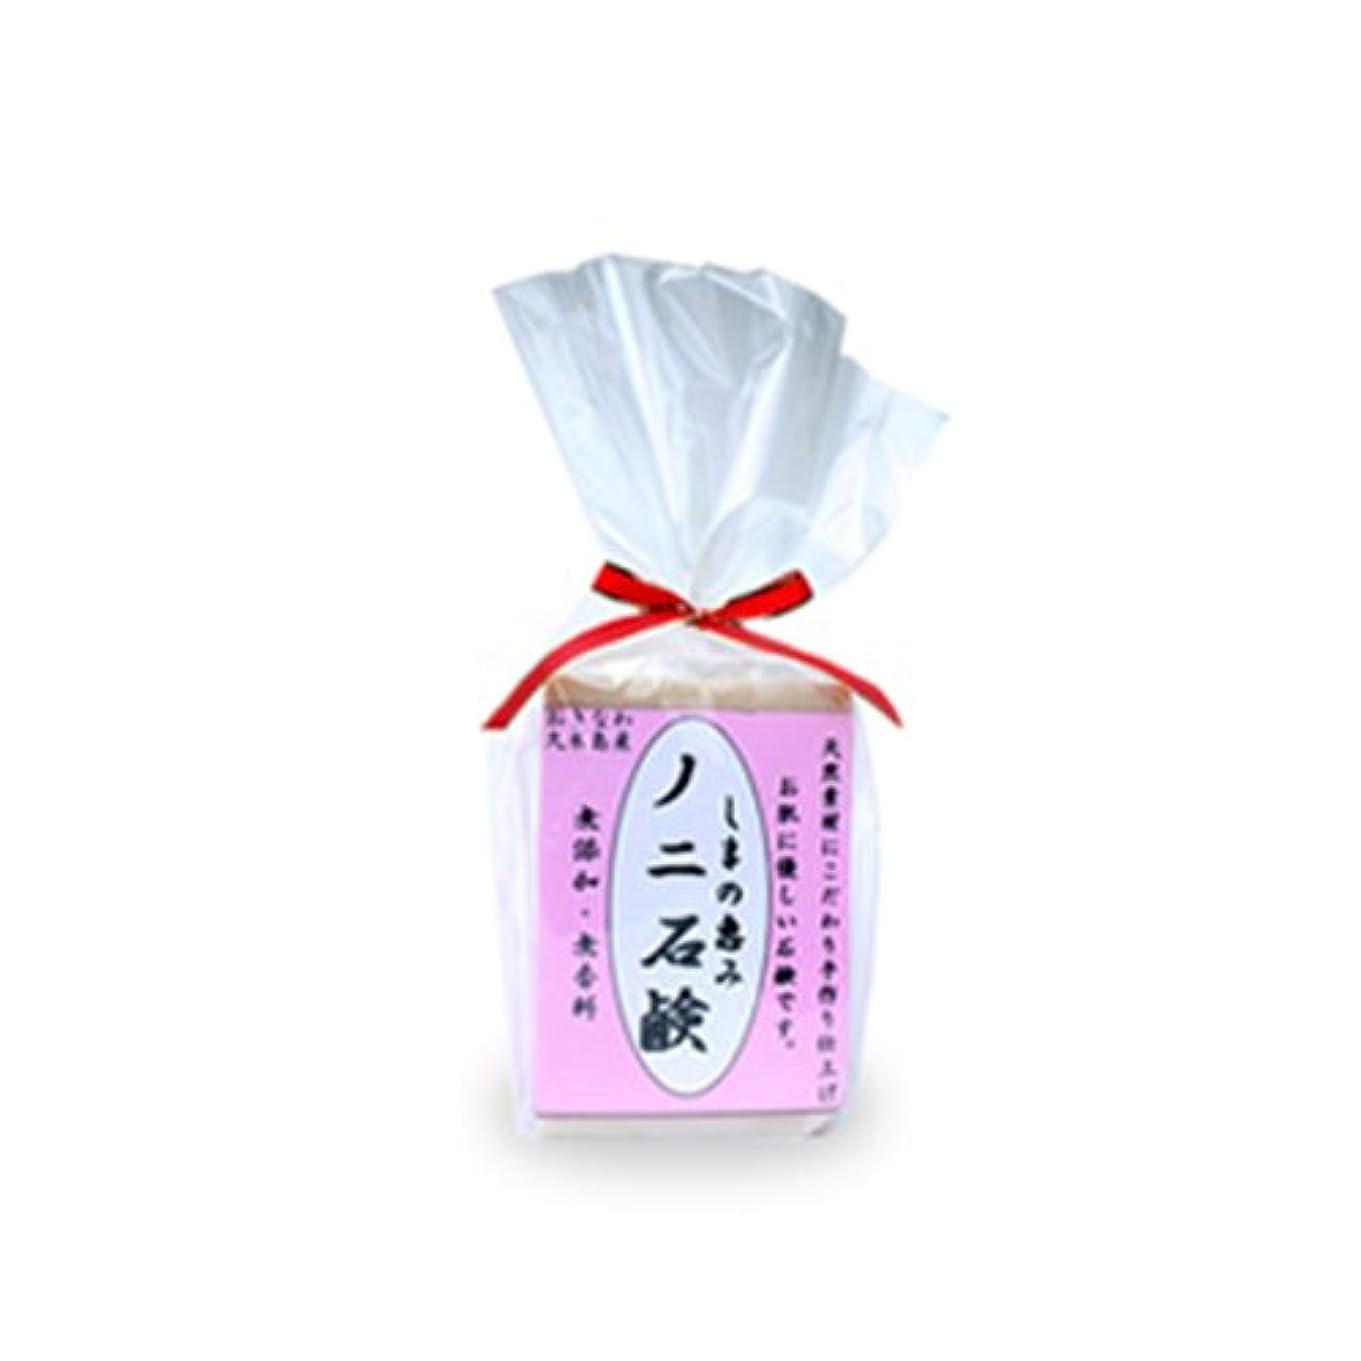 火山学学部水銀のノ二石鹸×30個 (1ケース) 久米島物産販売 沖縄の海洋深層水ミネラルとノニを配合した無添加ソープ